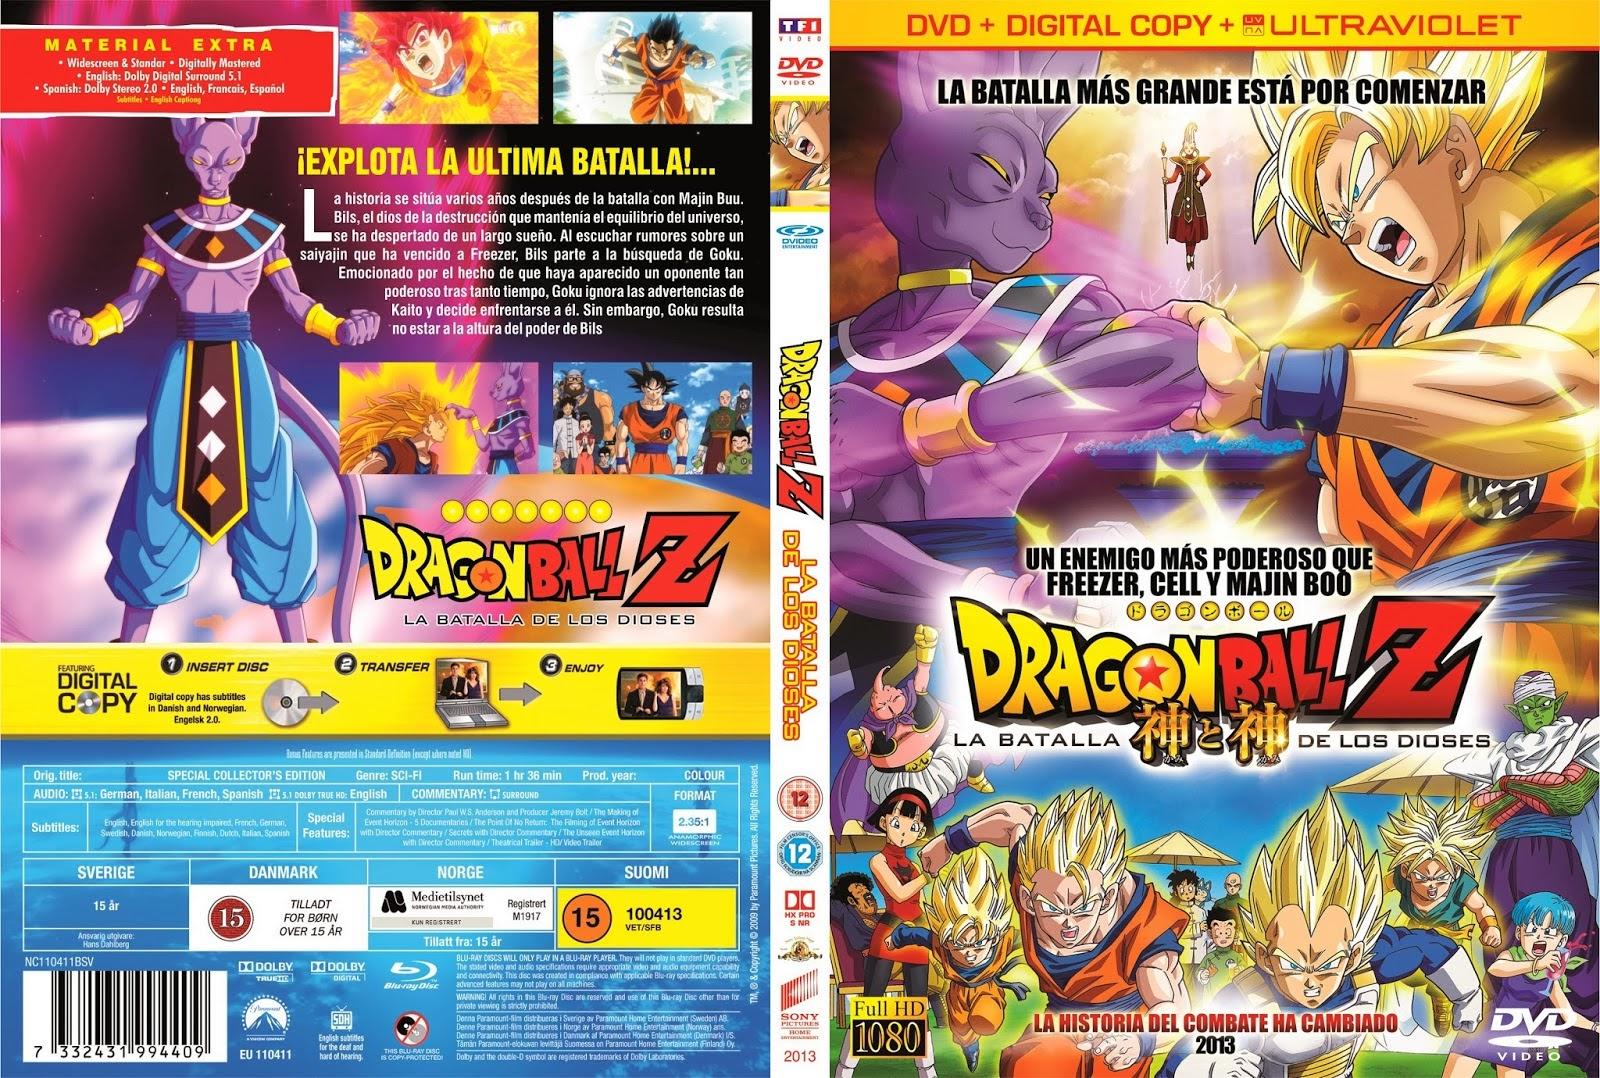 Dragon Ball Z La Batalla De Los Dioses DVD